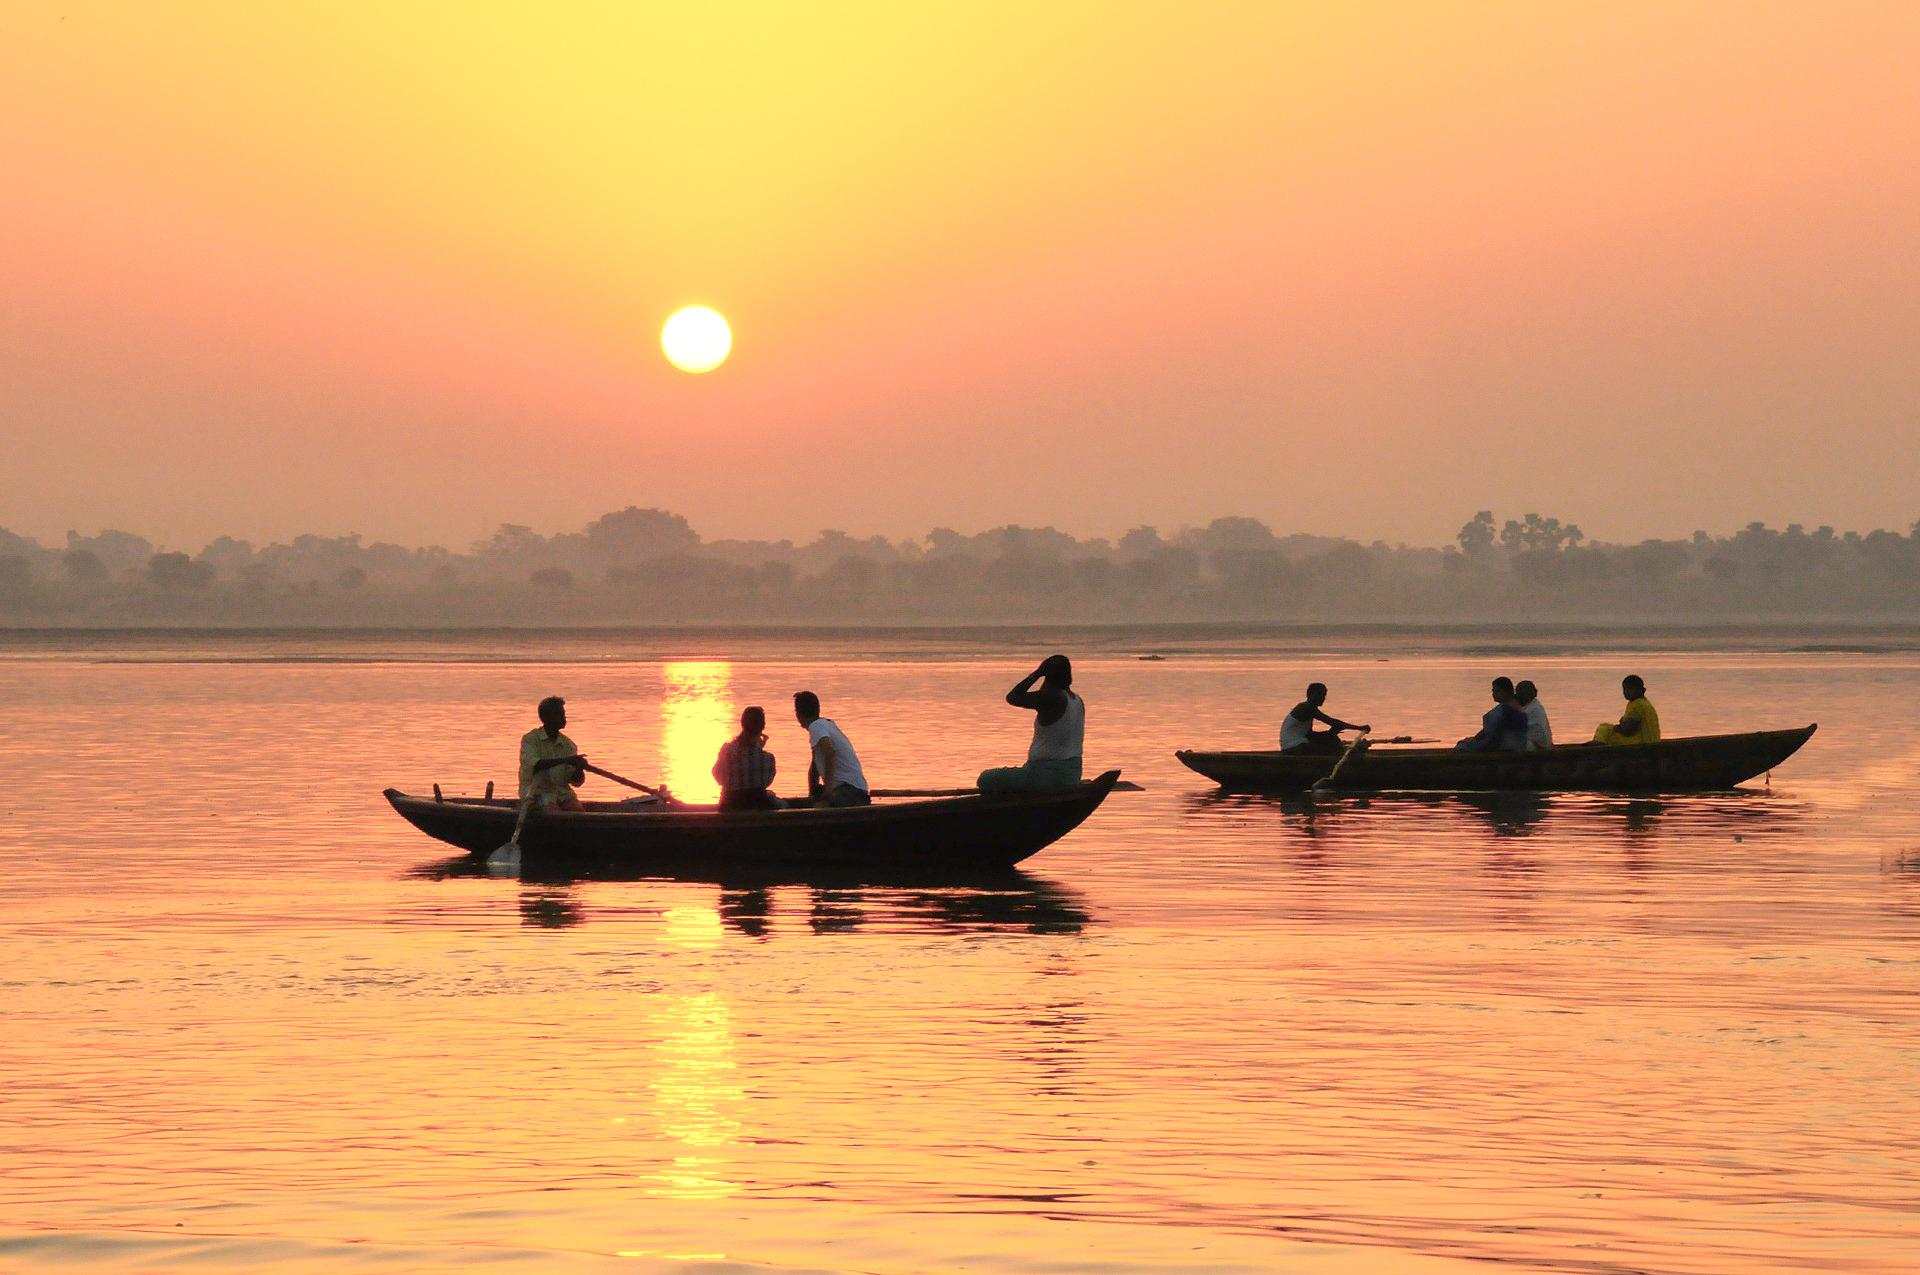 voyager plus en faisant face aux traditions culturelles - coucher de soleil en inde